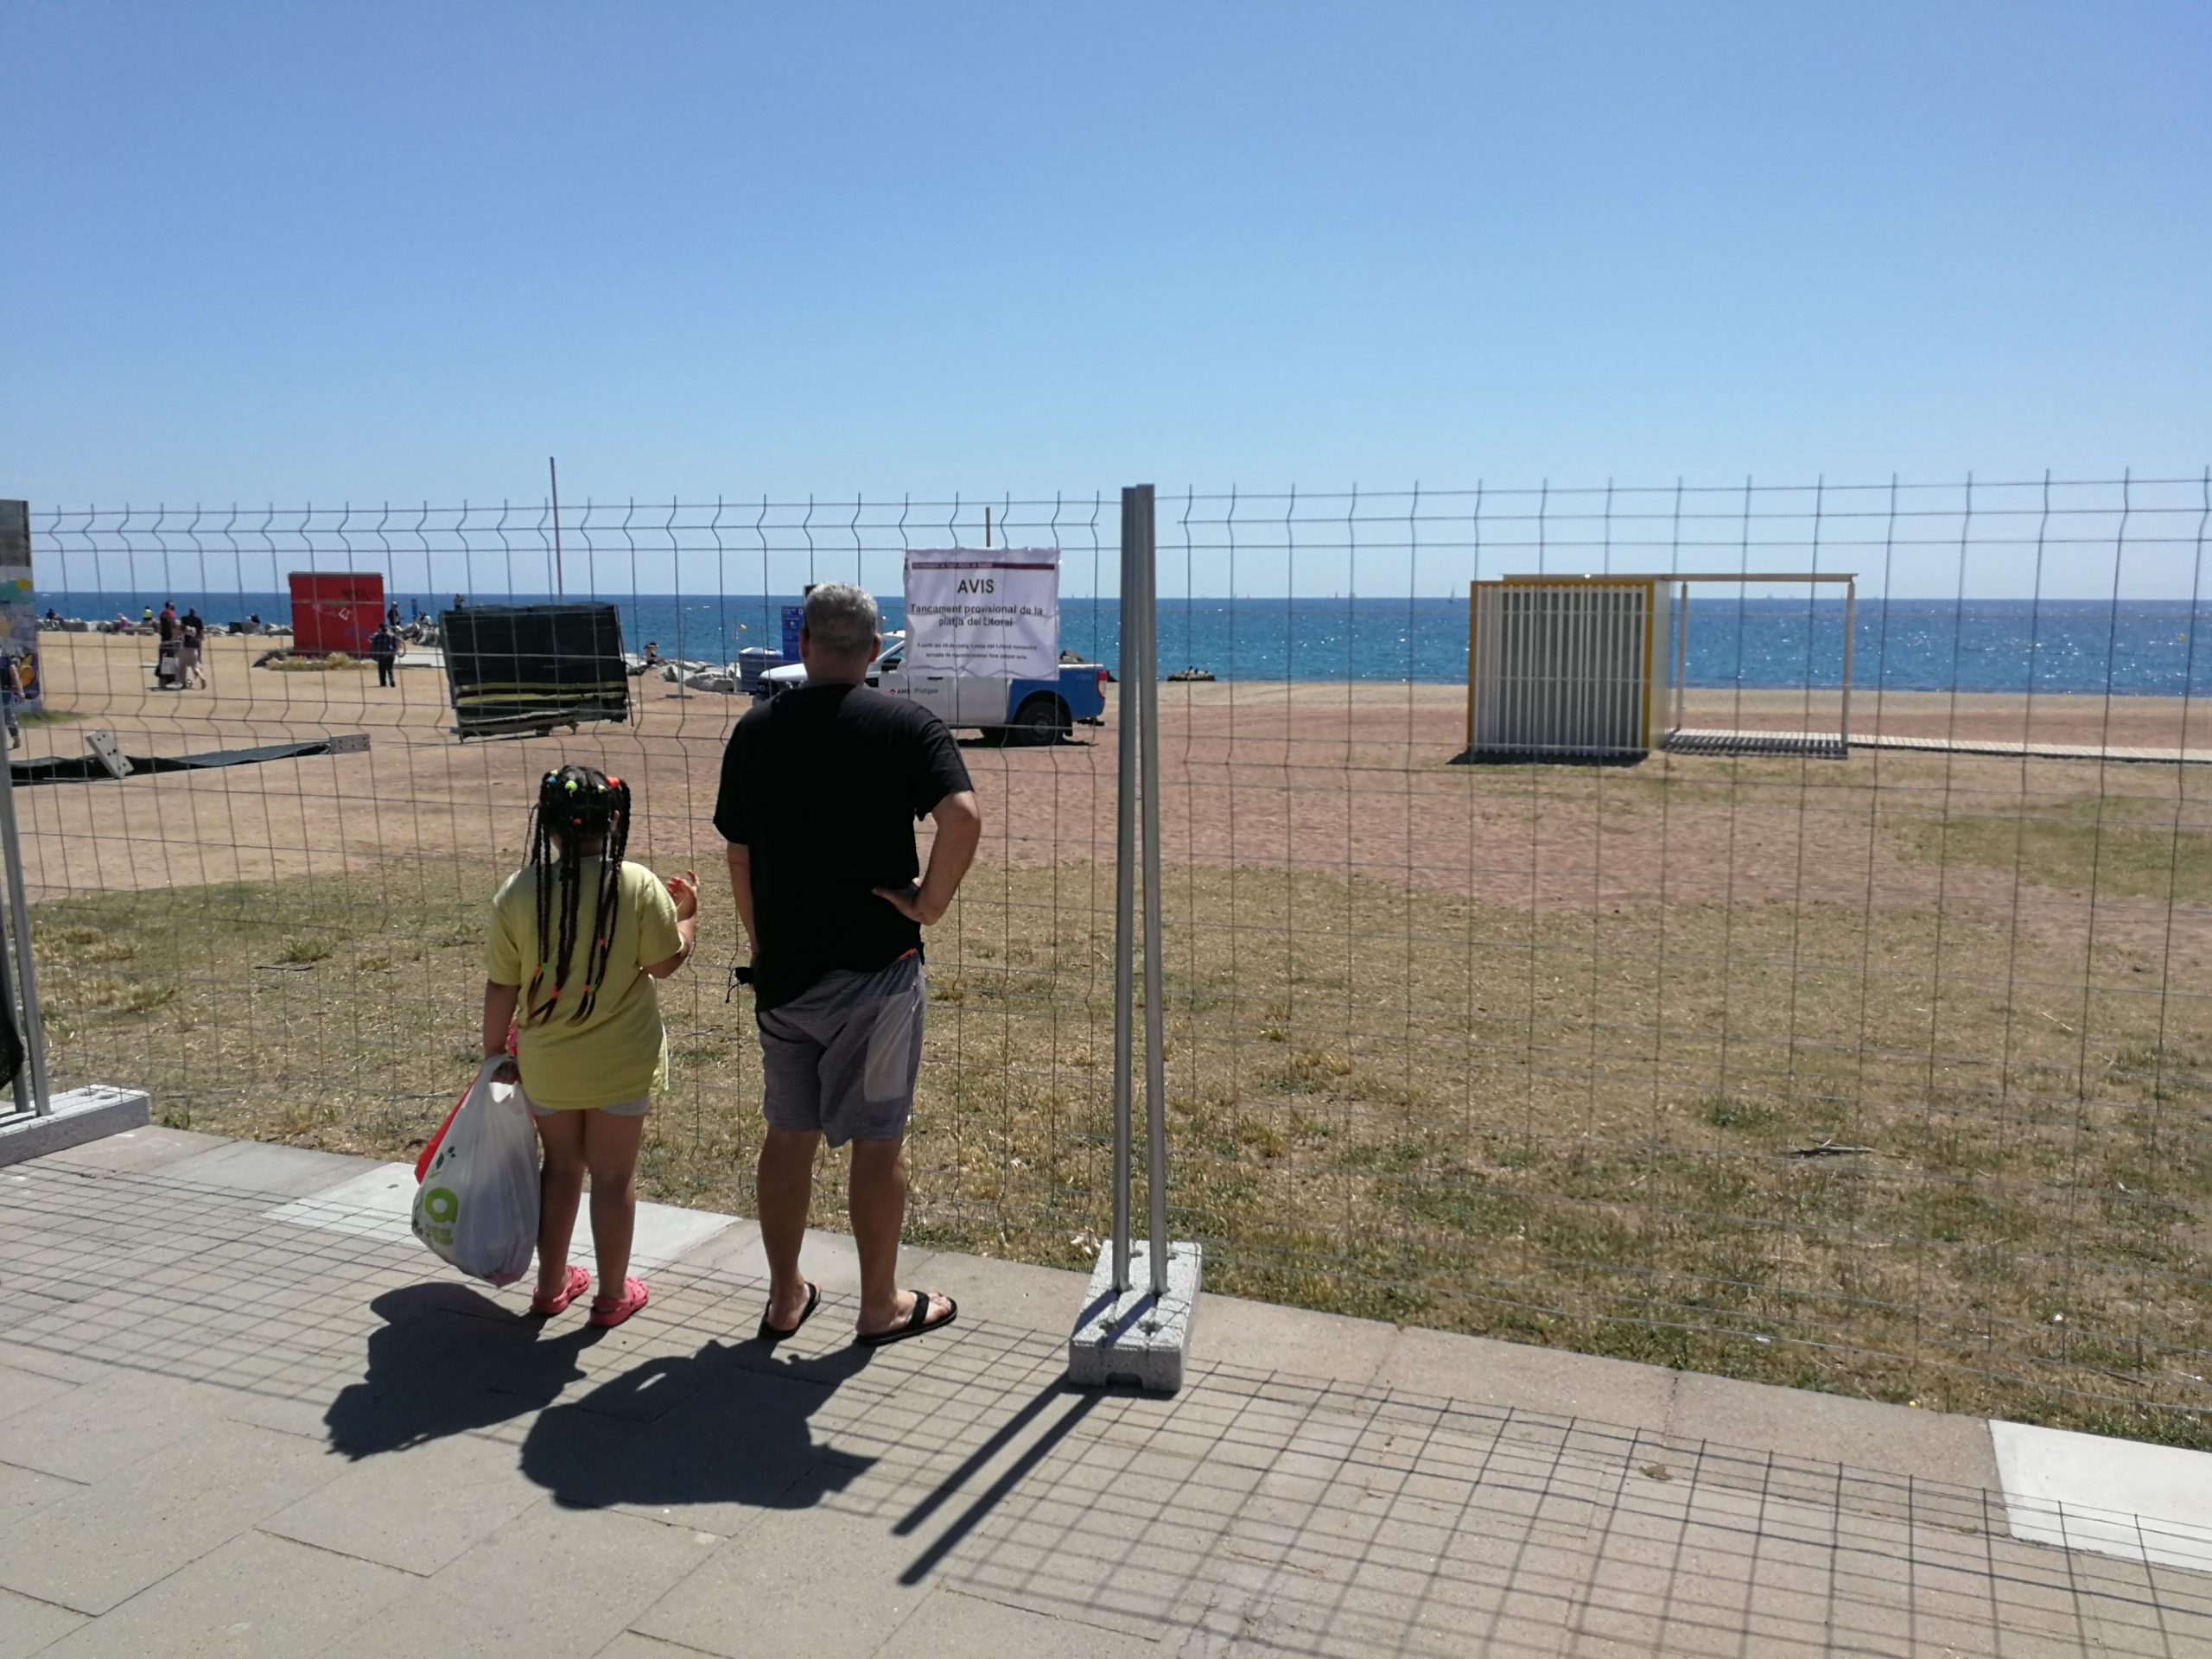 Dues persones llegeixen el cartell que informat del tancament de la platja de Sant Adrià del Besòs / TOT Barcelona